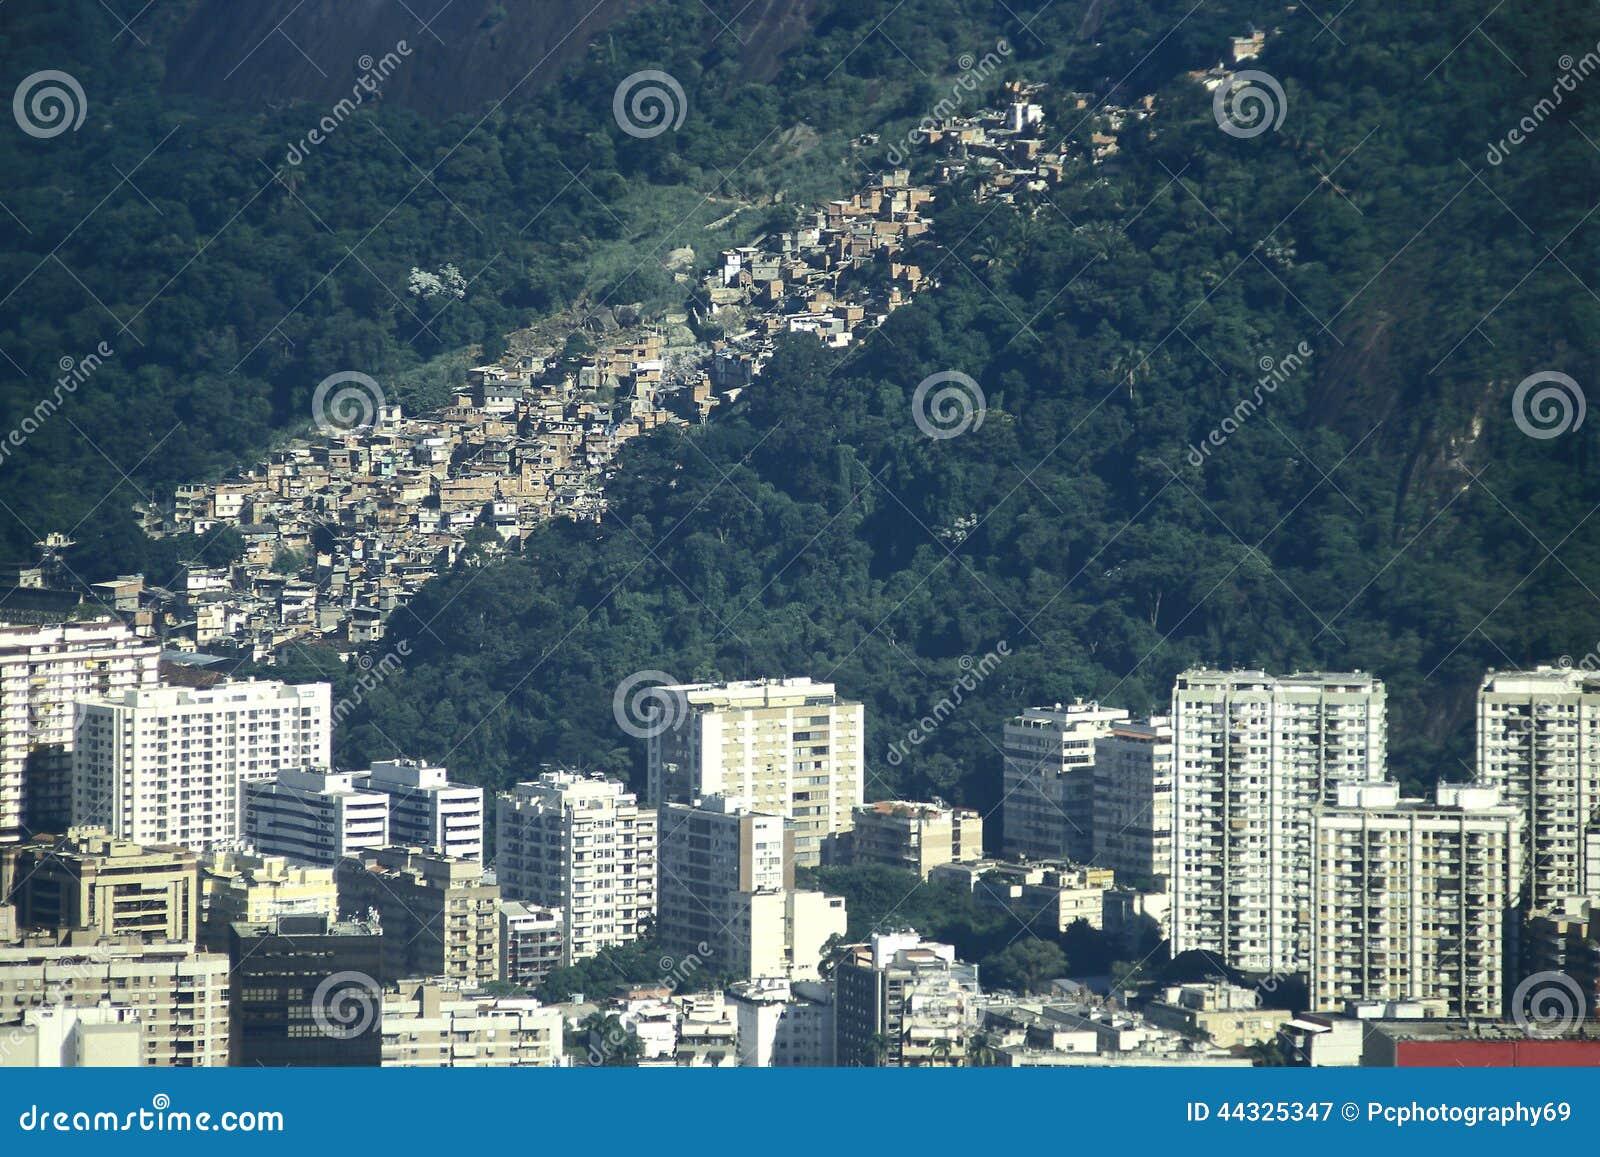 Le contraste bewtween la richesse et la pauvreté au Brésil : gratte-ciel